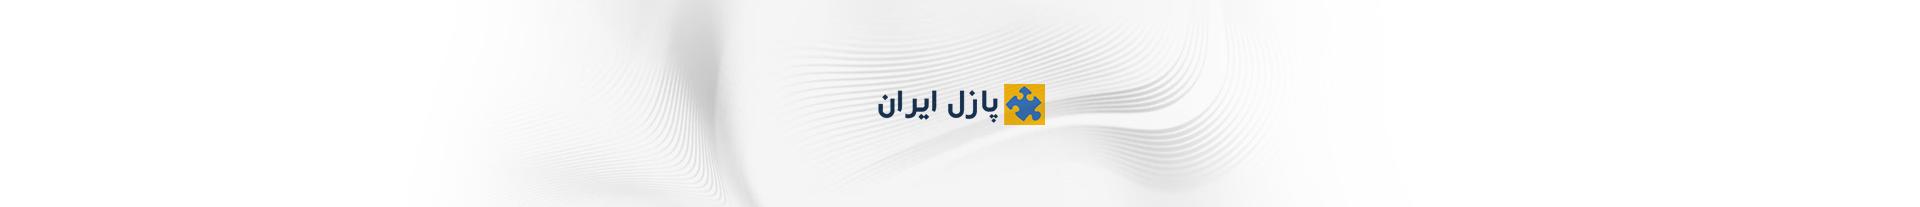 کد تخفیف فروشگاه اینترنتی پازل ایران